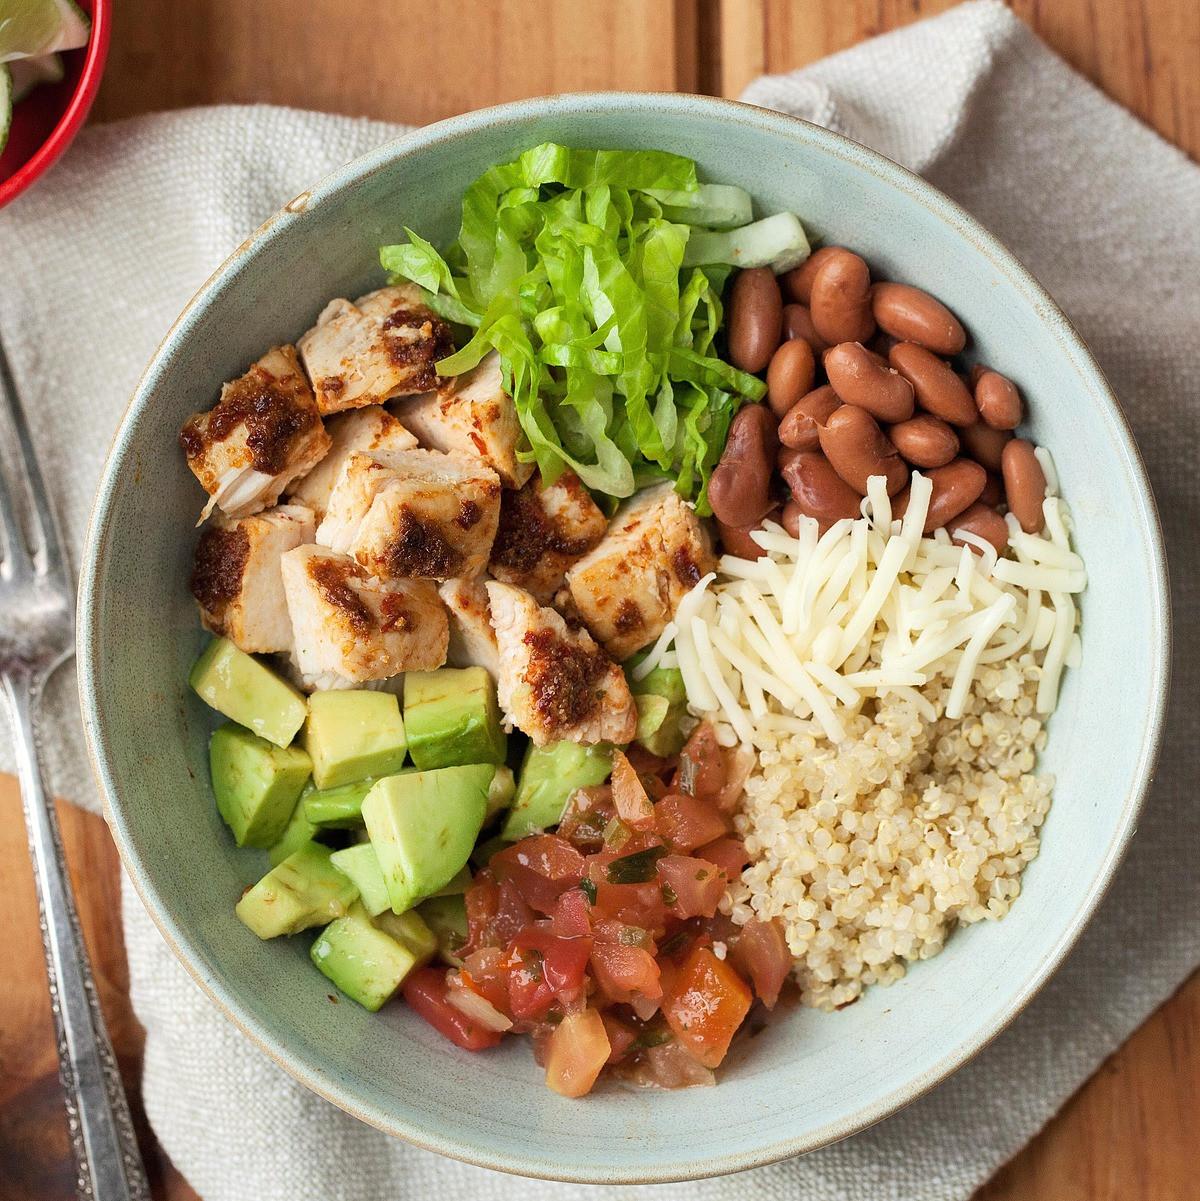 Healthy Heart Recipes  Heart Healthy Recipes